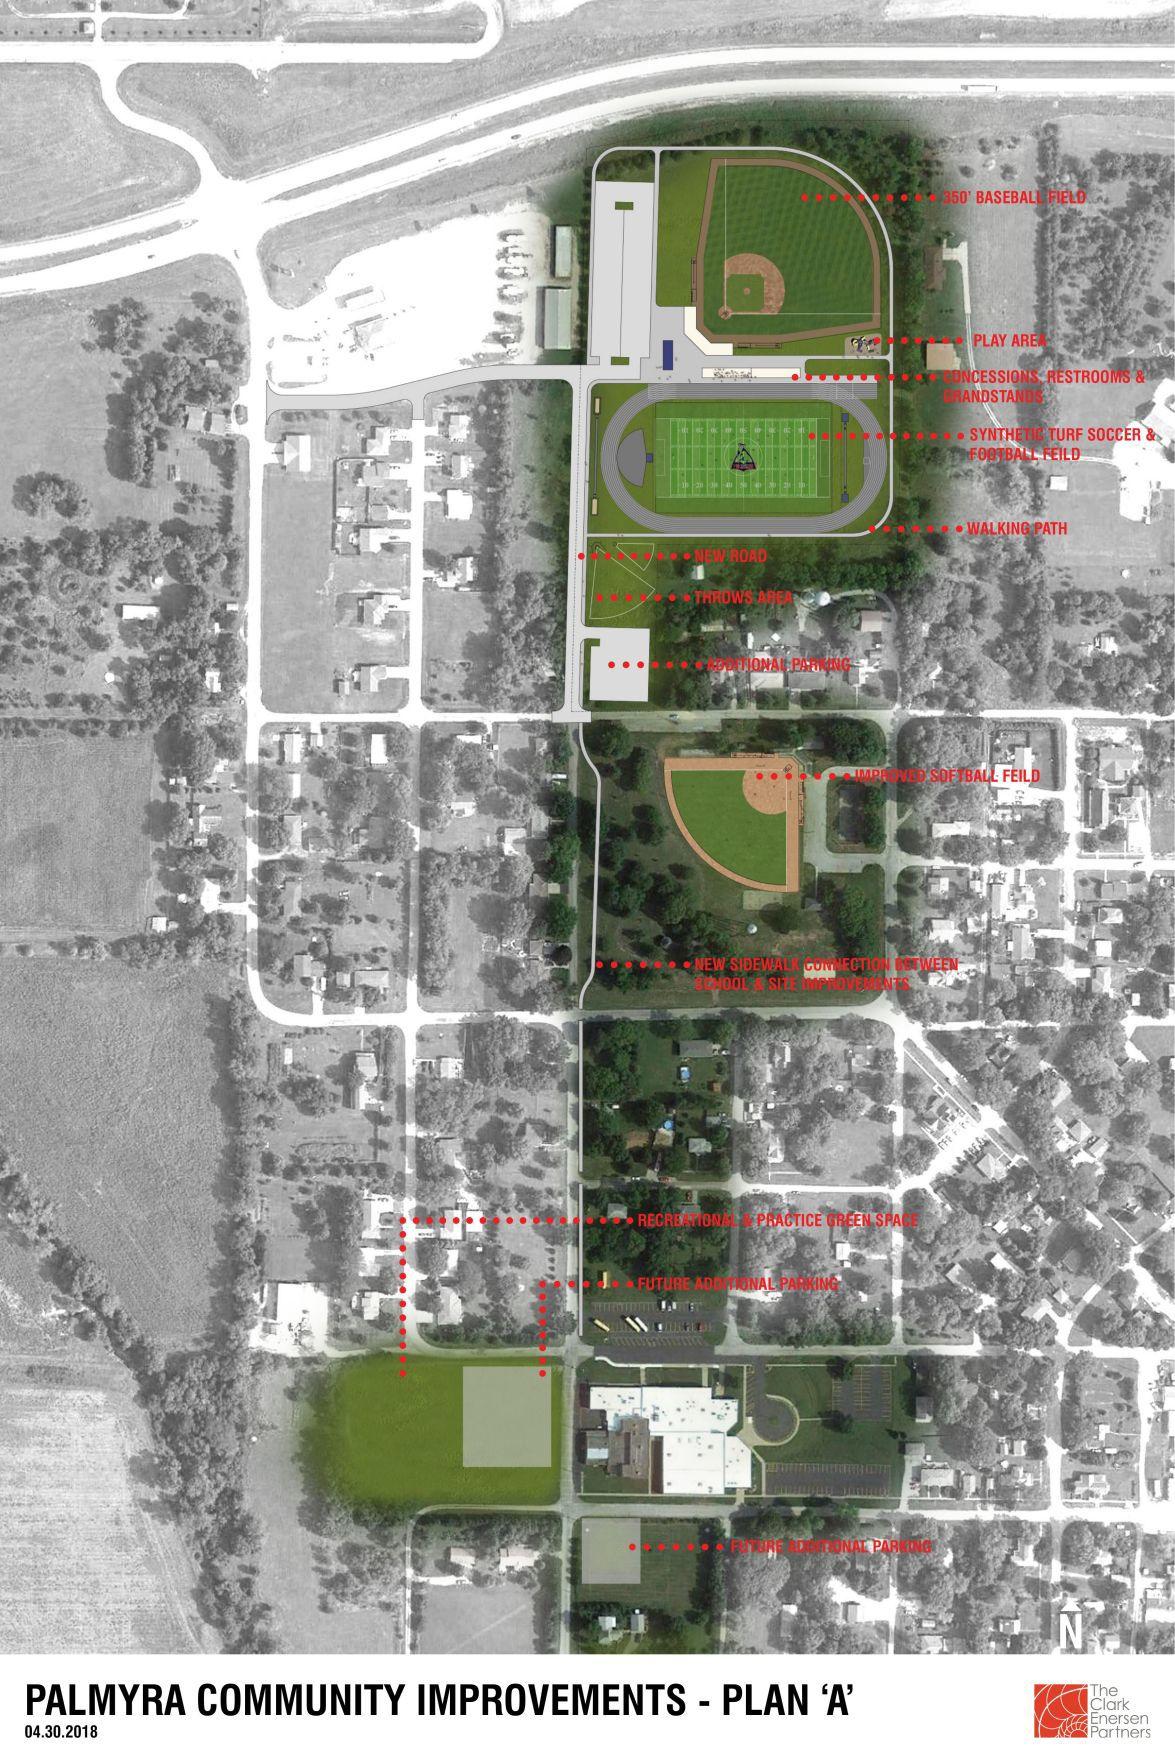 PDF: Palmyra community improvements